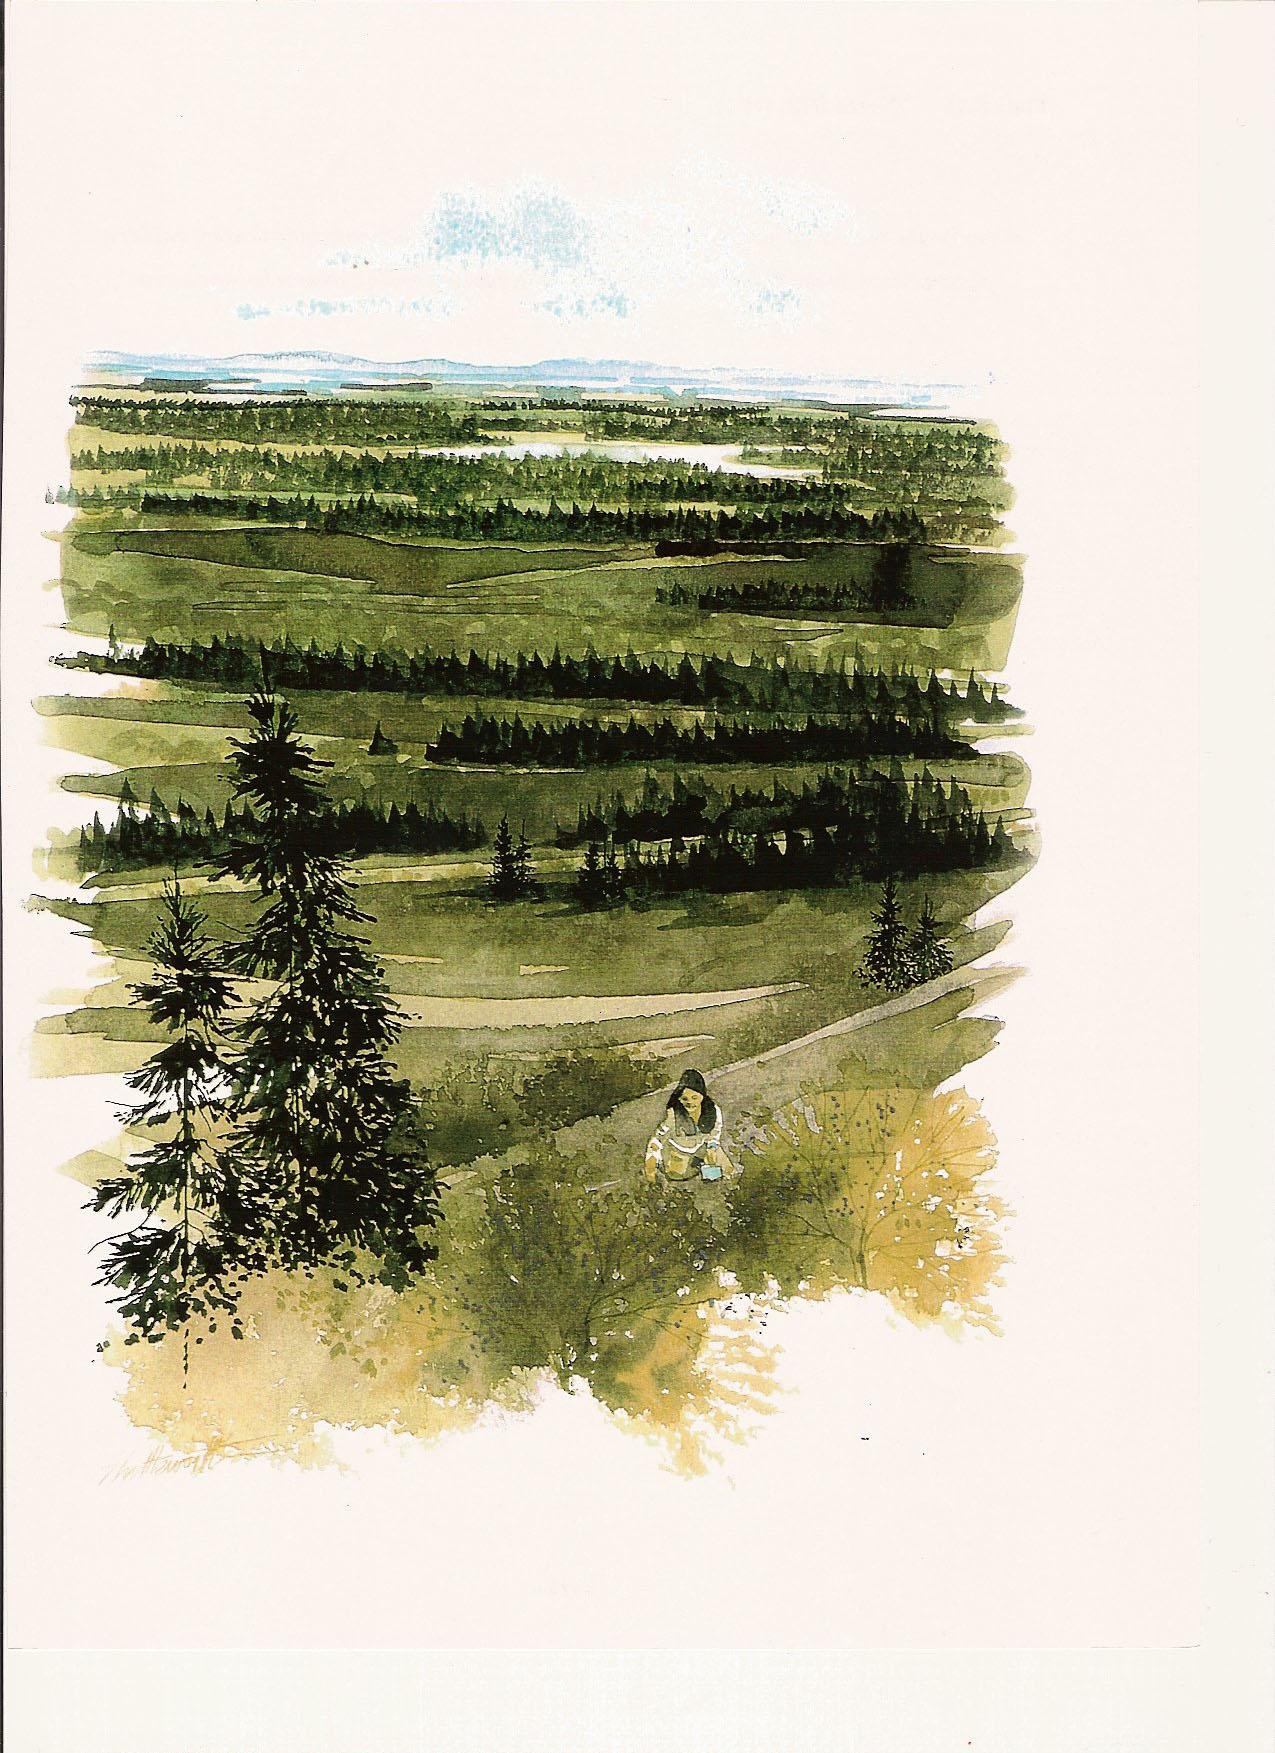 reclaimed landscape-4352651274.jpg